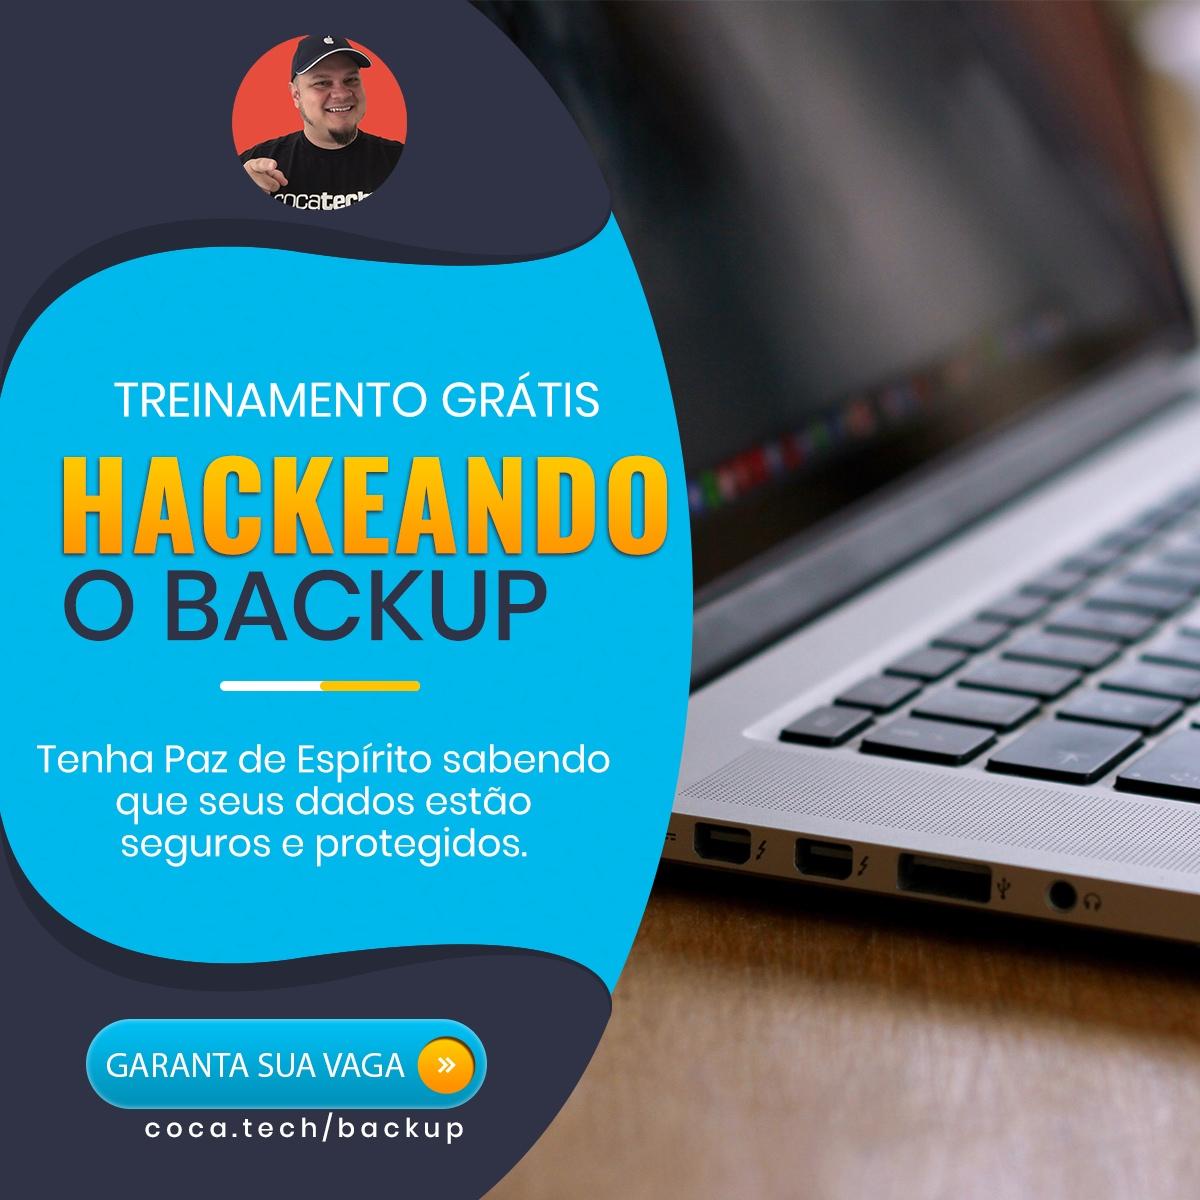 Hackeando o Backup